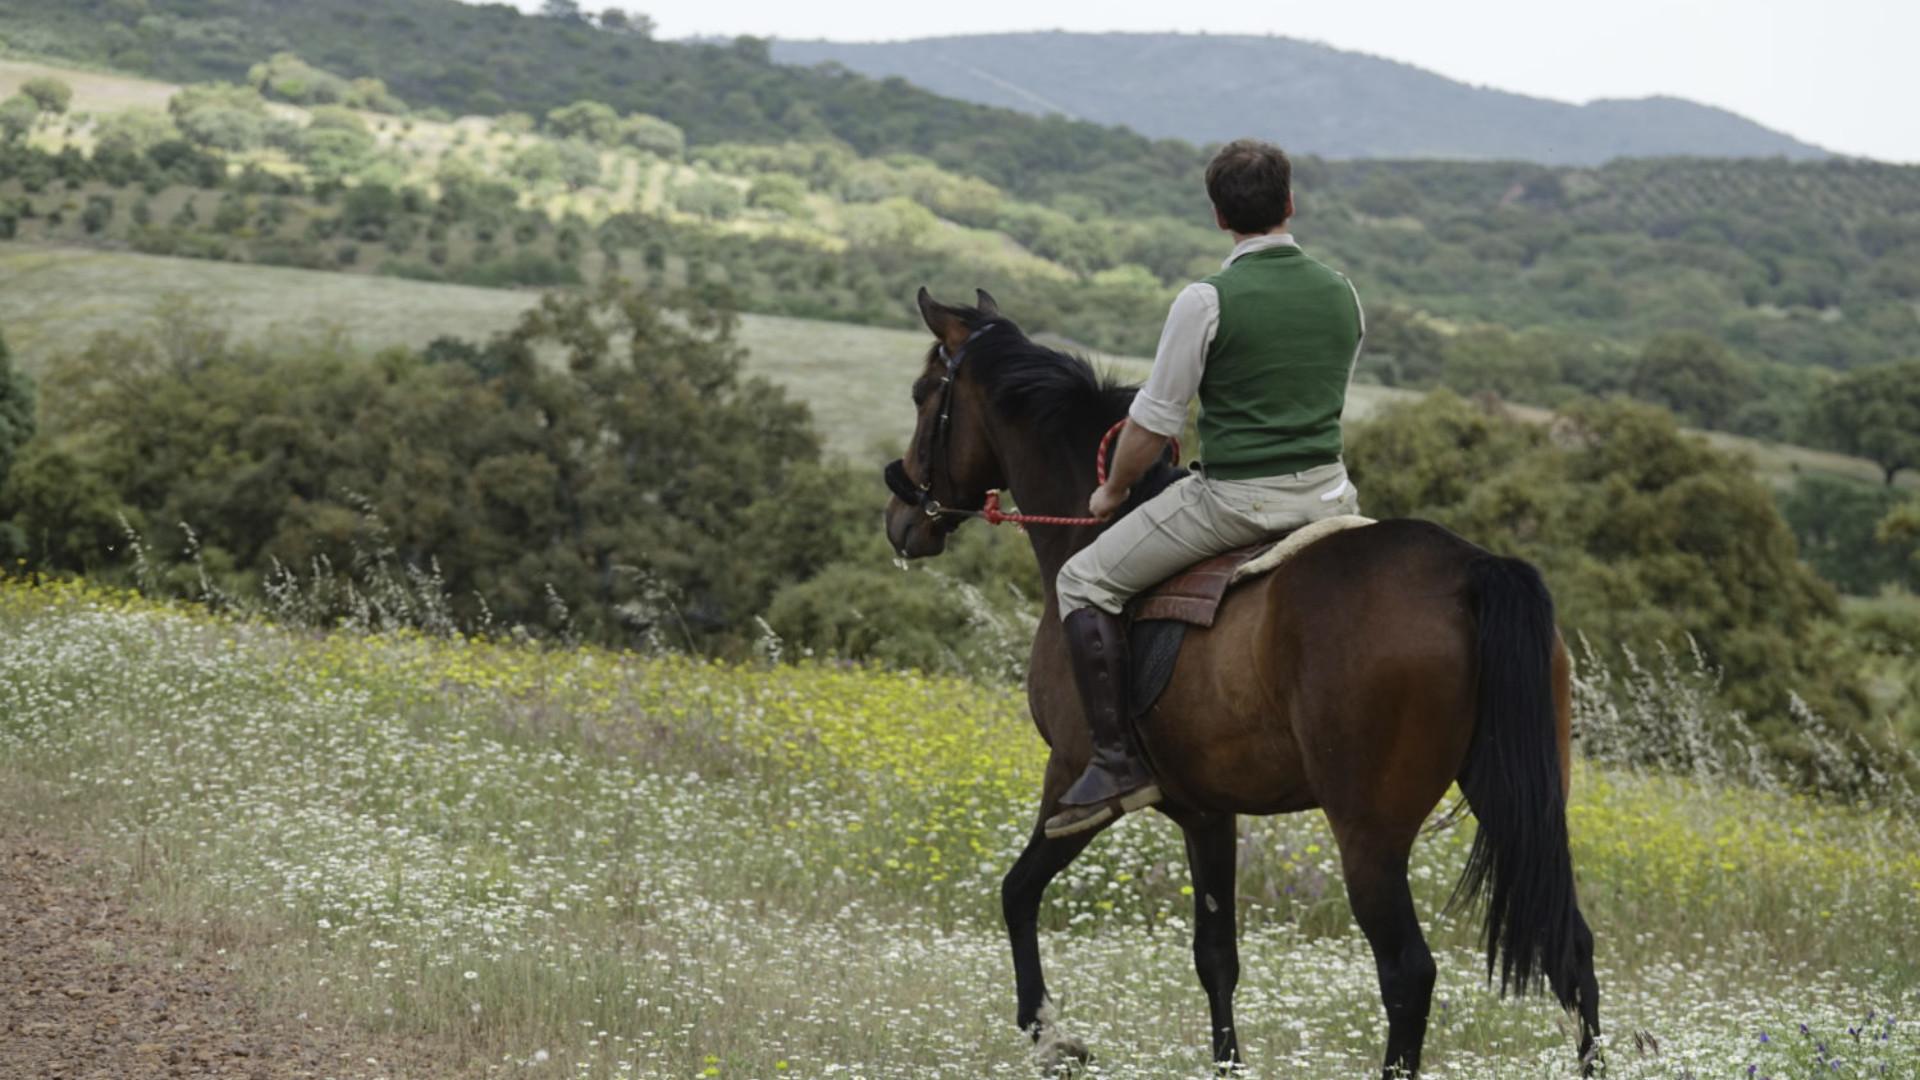 Enrique Zunzunegui y el porqué de los caballos, de la vida y de Dios